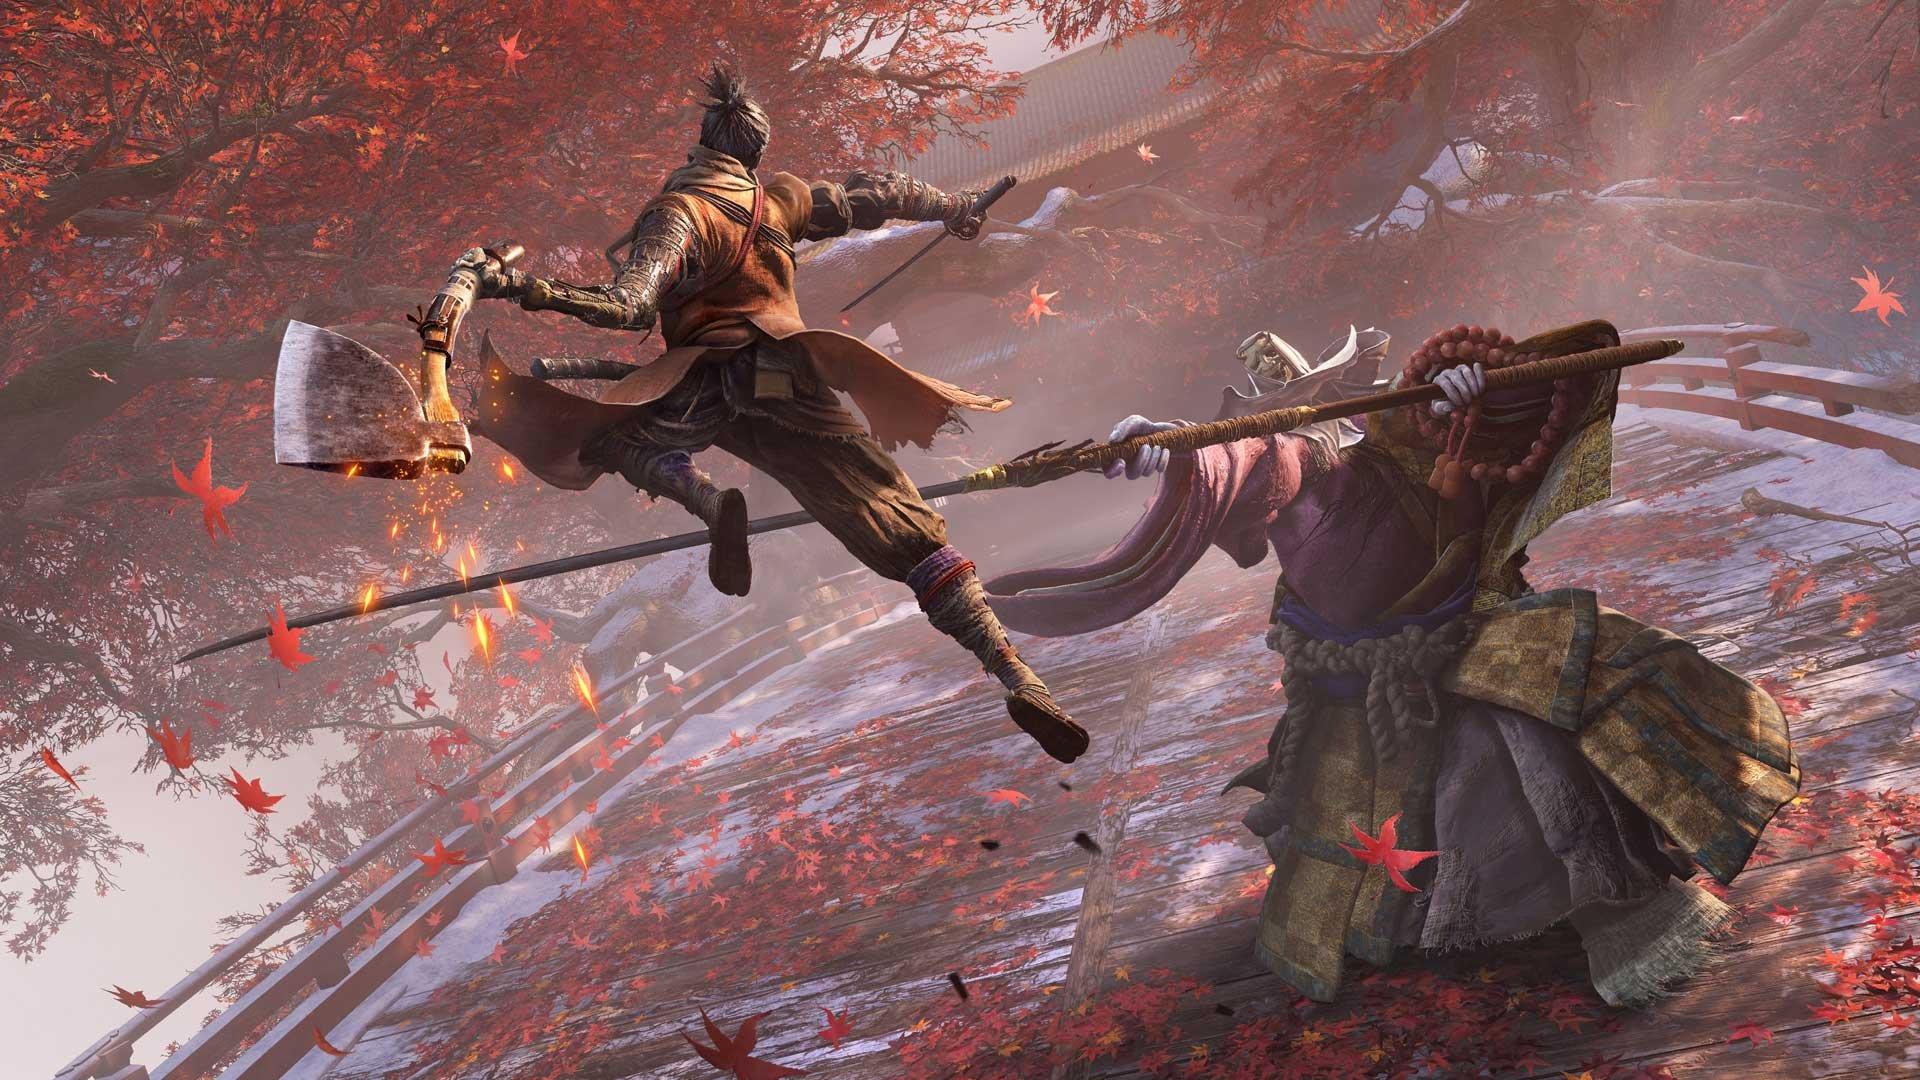 Steam新一周销量榜 《盗贼之海》第一、《只狼》第二